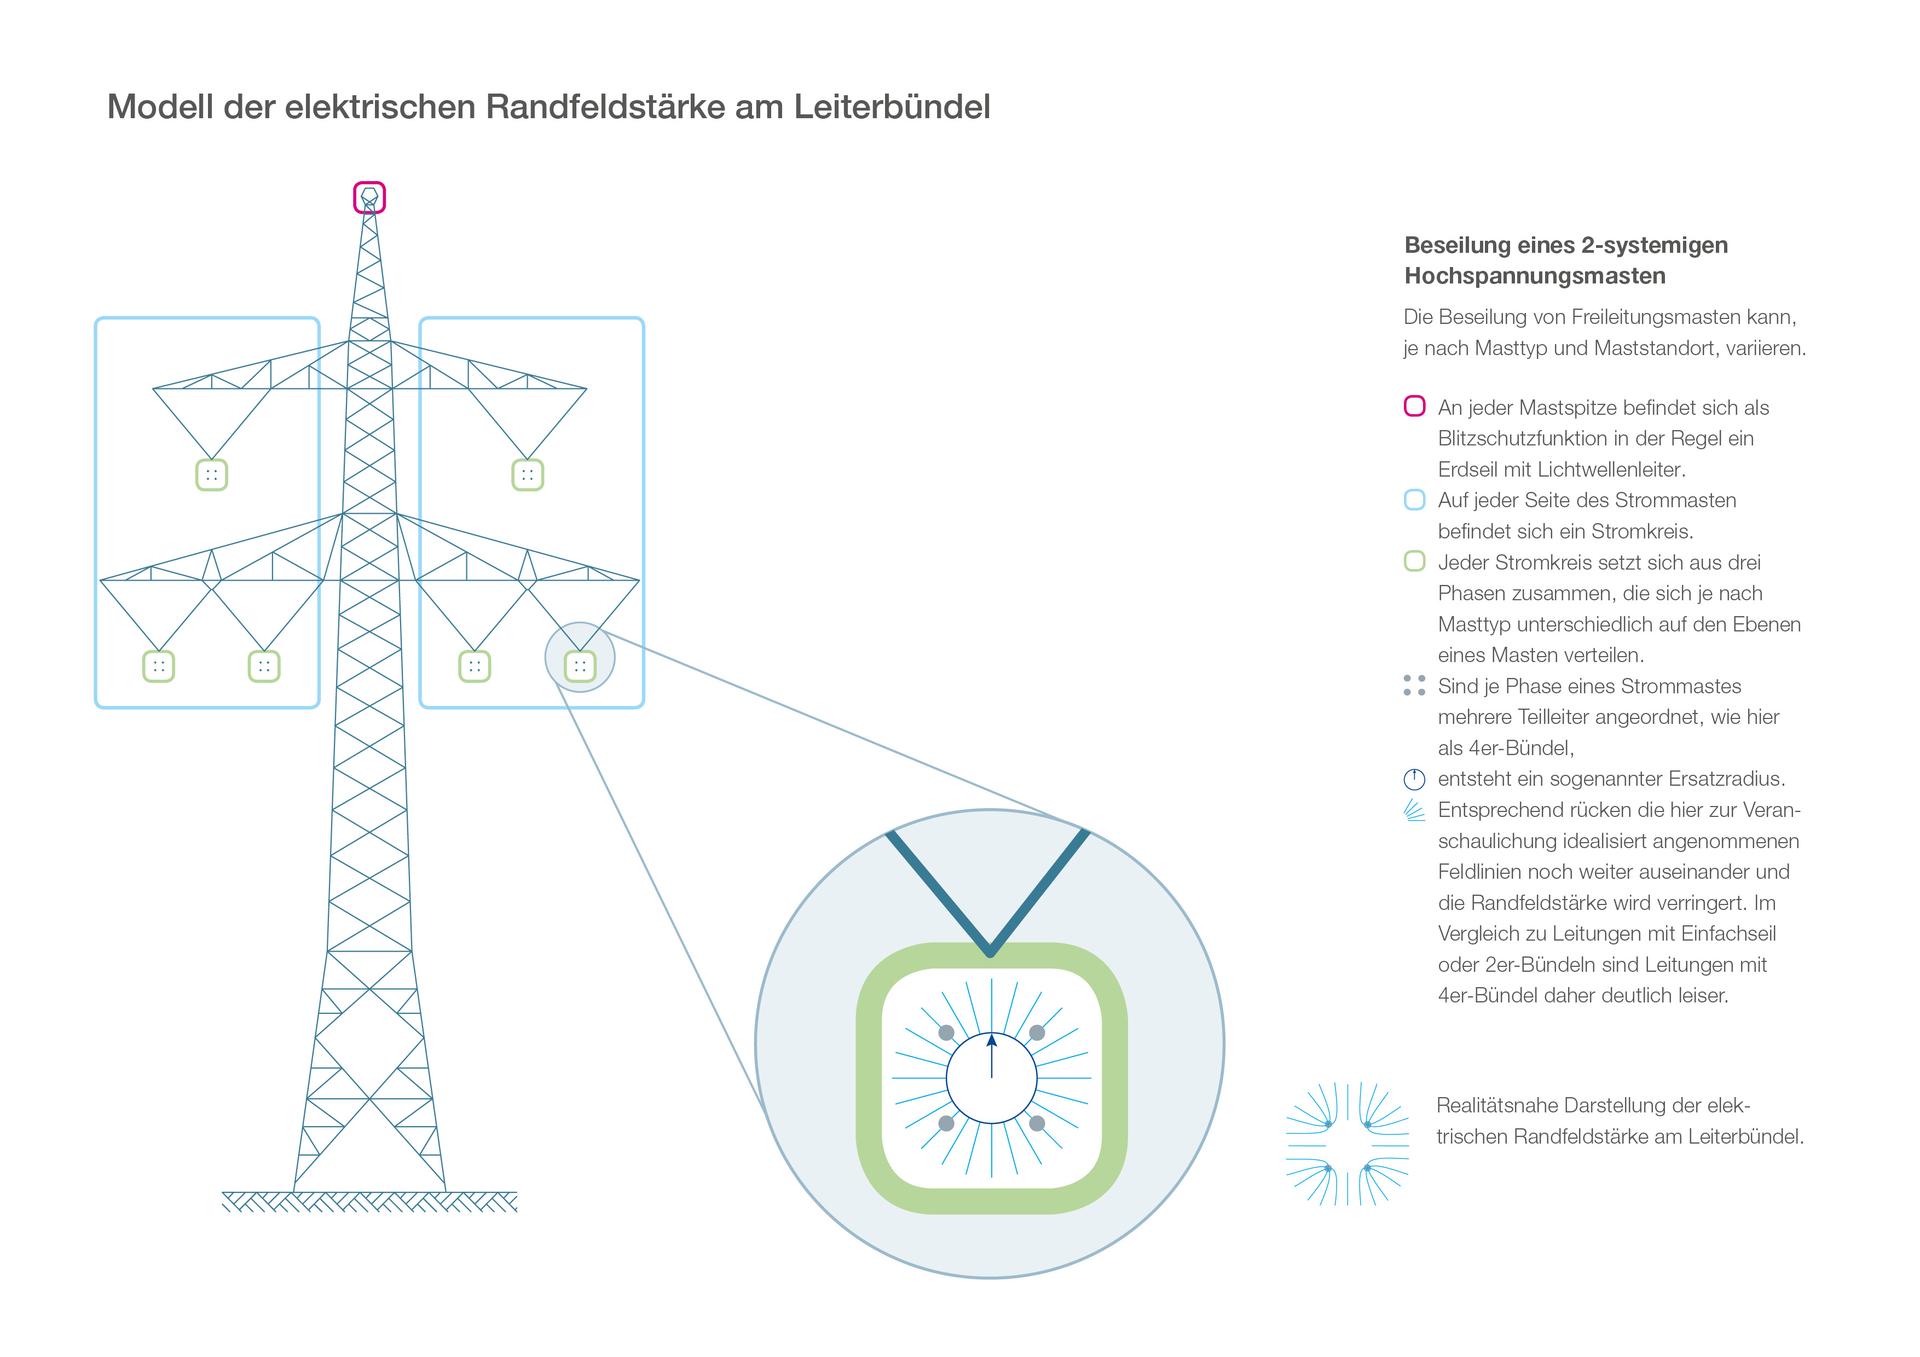 Modell der elektrischen Randfeldstärke am Leiterbündel